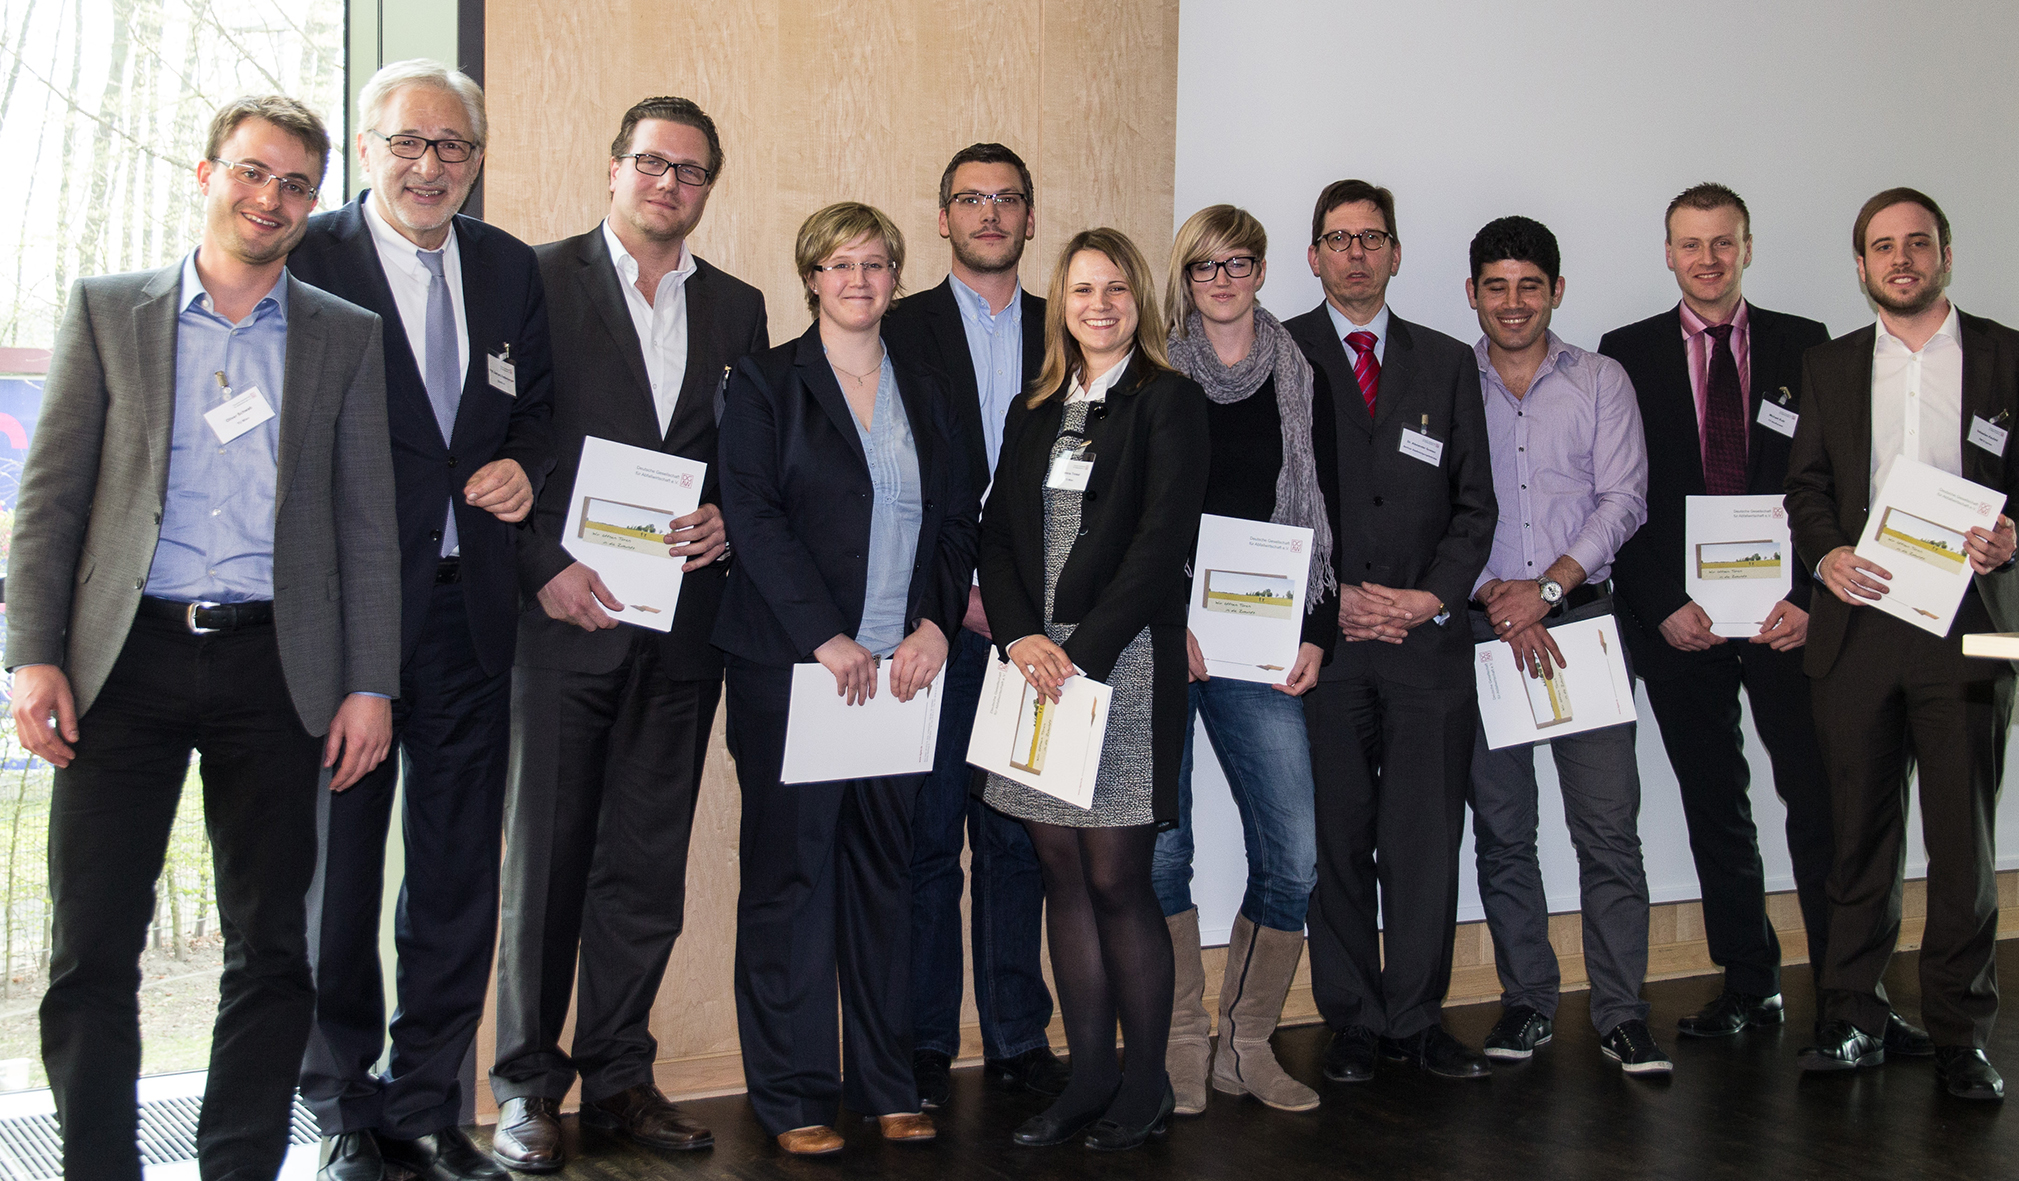 DGAW-Vorstandsmitglied Prof. Dr. Gerhard Rettenberger und die prämierten Teilnehmer